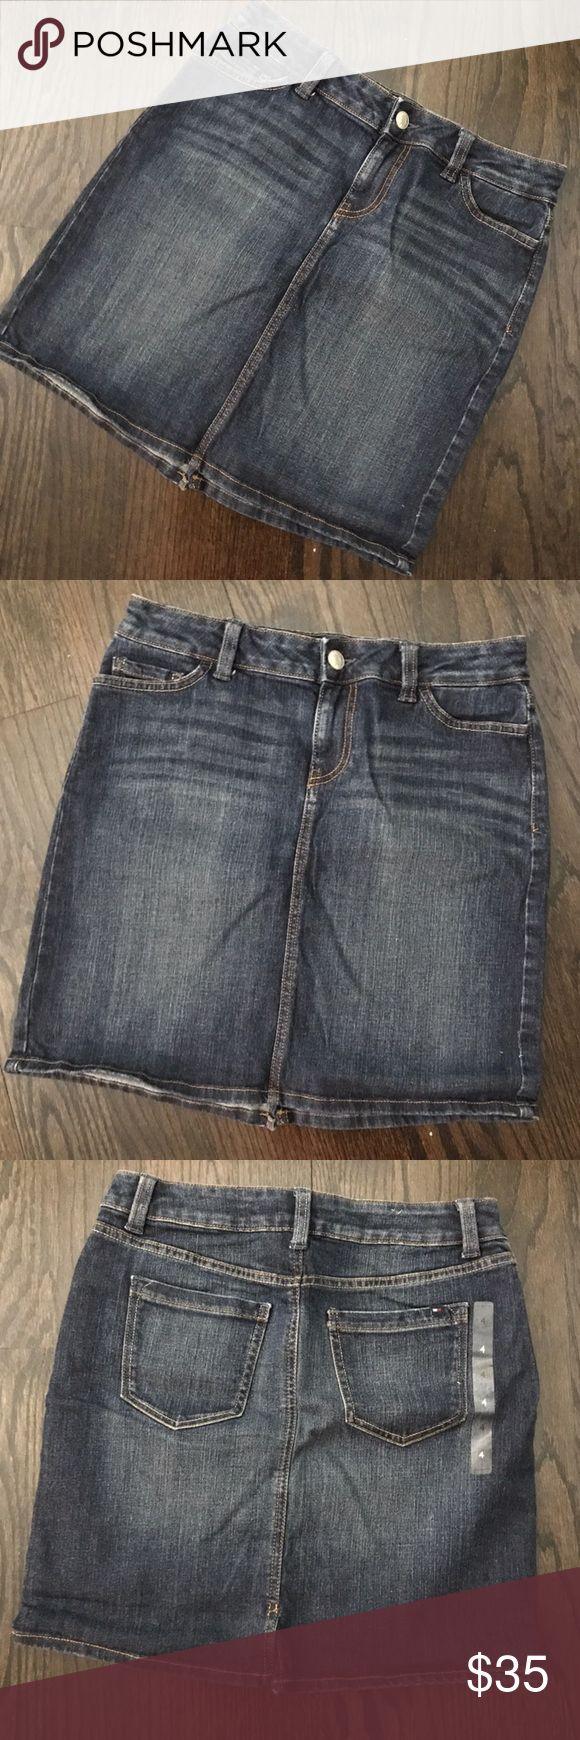 """New Tommy Hilfiger Denim Mini Skirt Brand new without tags! Cute denim skirt by Tommy Hilfiger. 17.5"""" long. 15"""" waist. Denim has a little stretch. Size 4. Tommy Hilfiger Skirts Mini"""